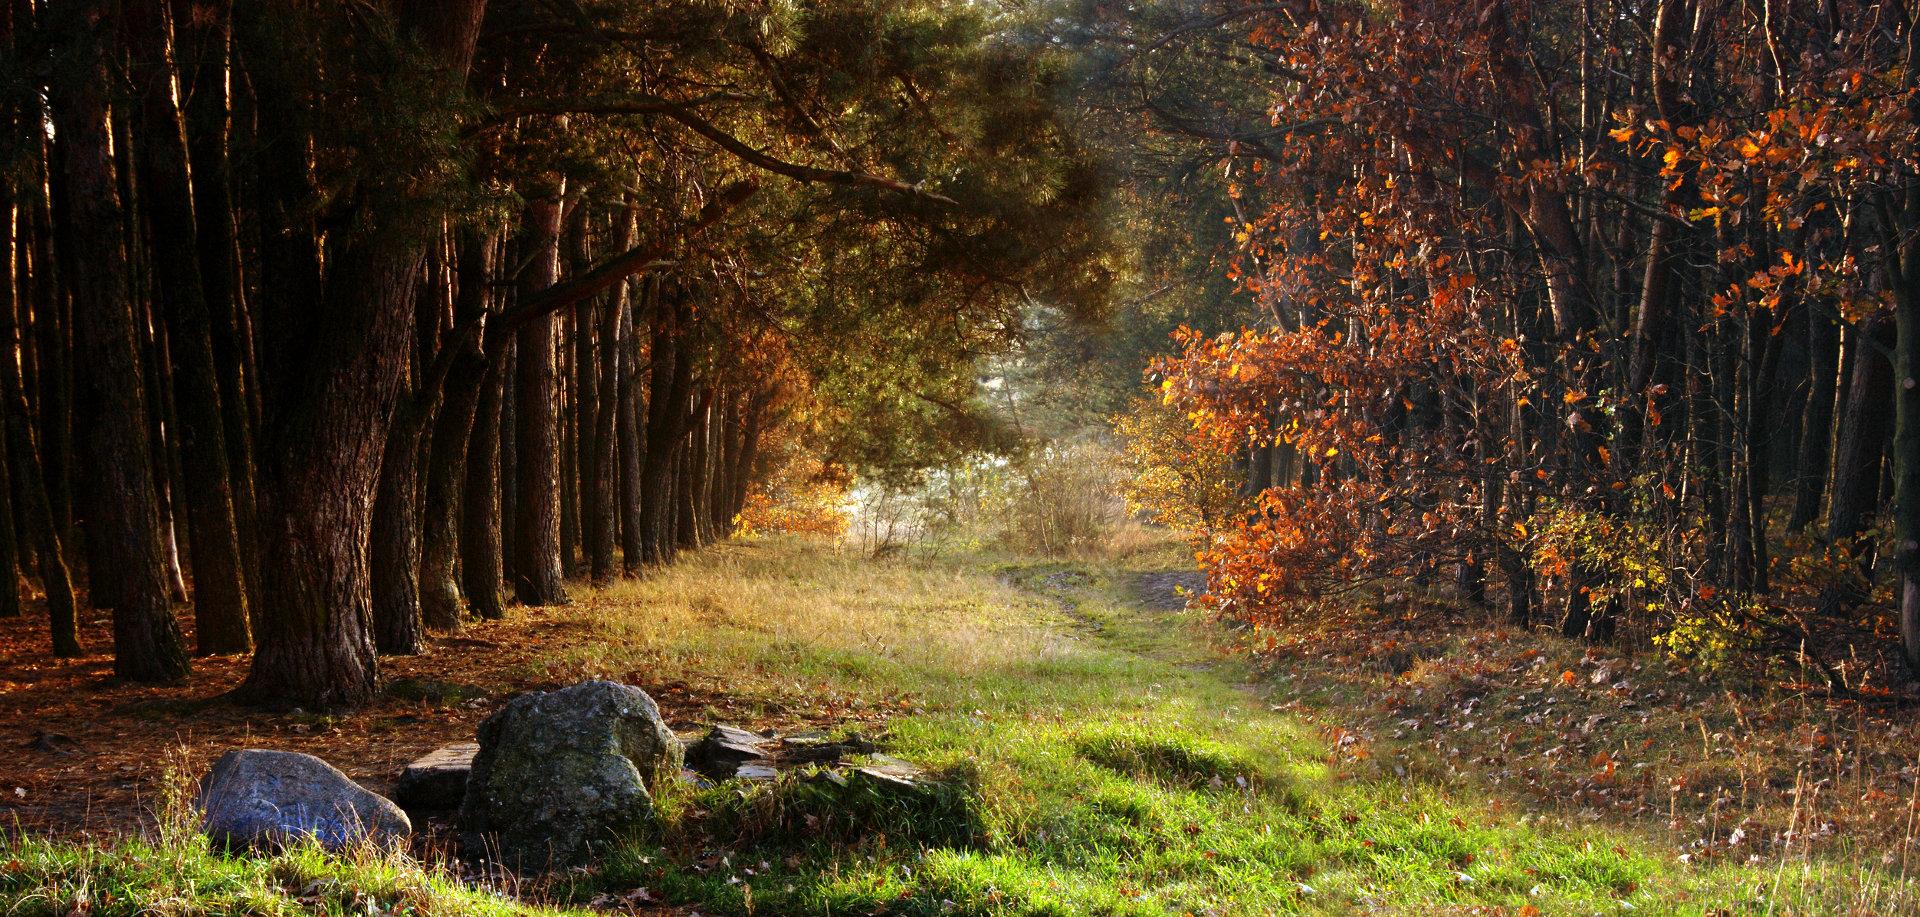 BEAUTIFUL AUTUMN FOREST© Jaroslaw Grudzinski | Dreamstime.com